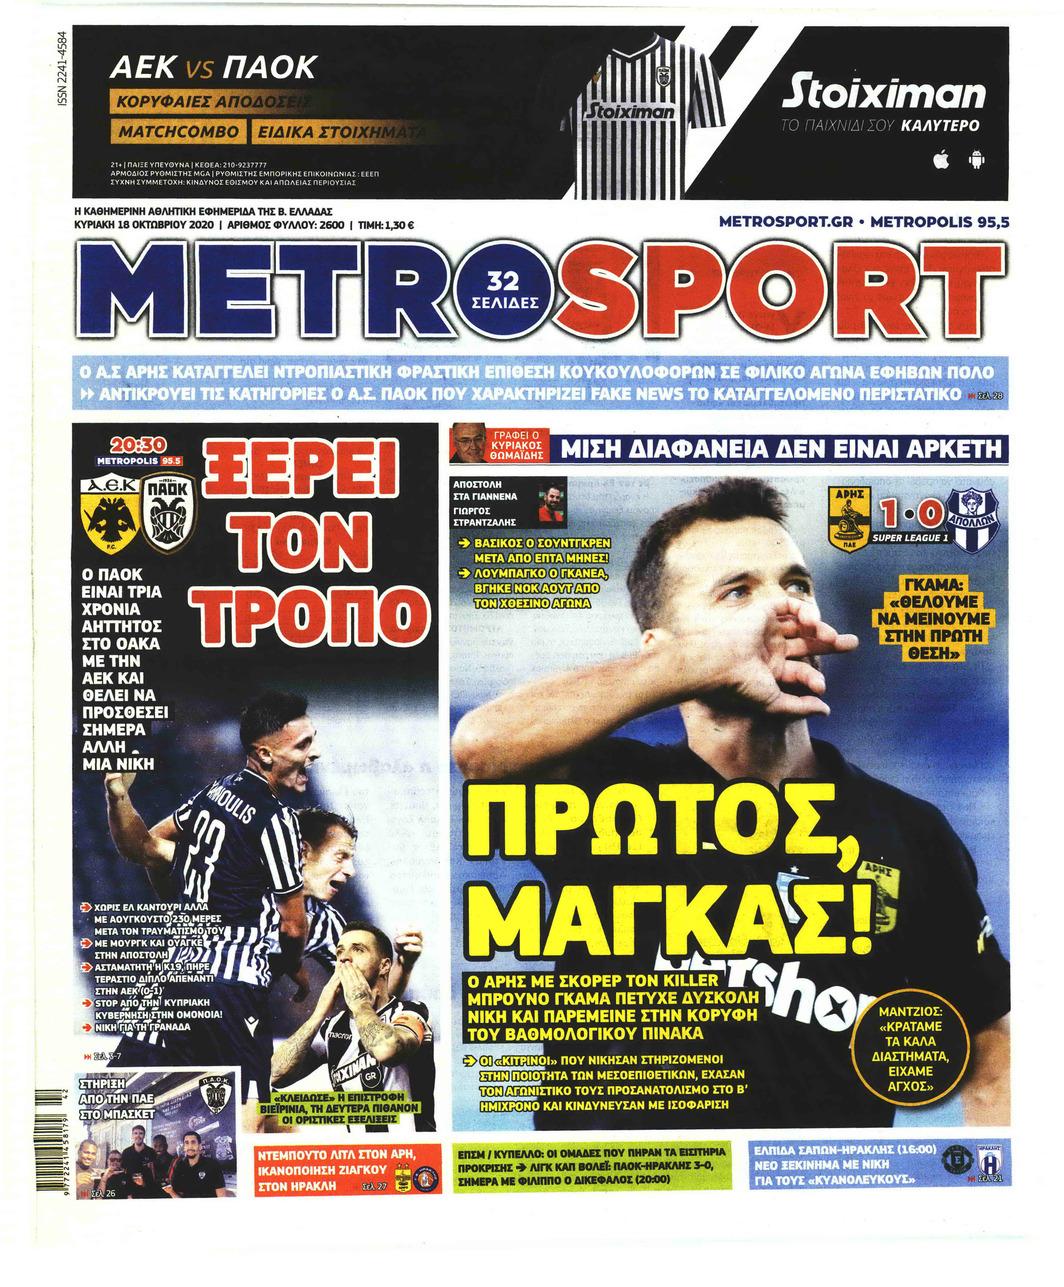 Πρωτοσέλιδο εφημερίδας Metrosport